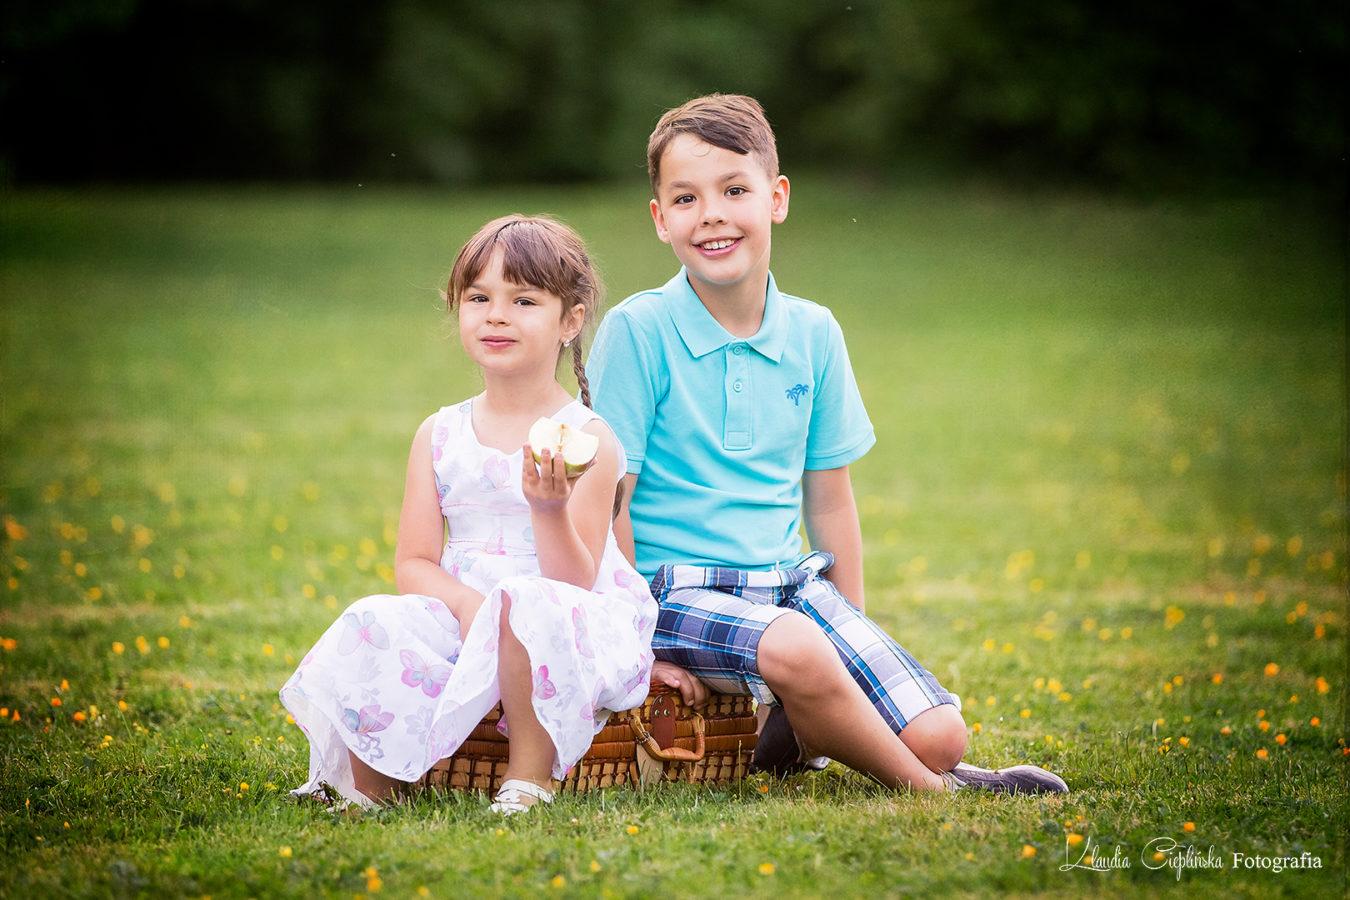 Bardzo rodzinne sesje plenerowe, pełne zabawy i uśmiechu. Profesjonalna fotografia rodzinna Jelenia Góra. Klaudia Cieplińska - Wasz rodzinny fotograf.